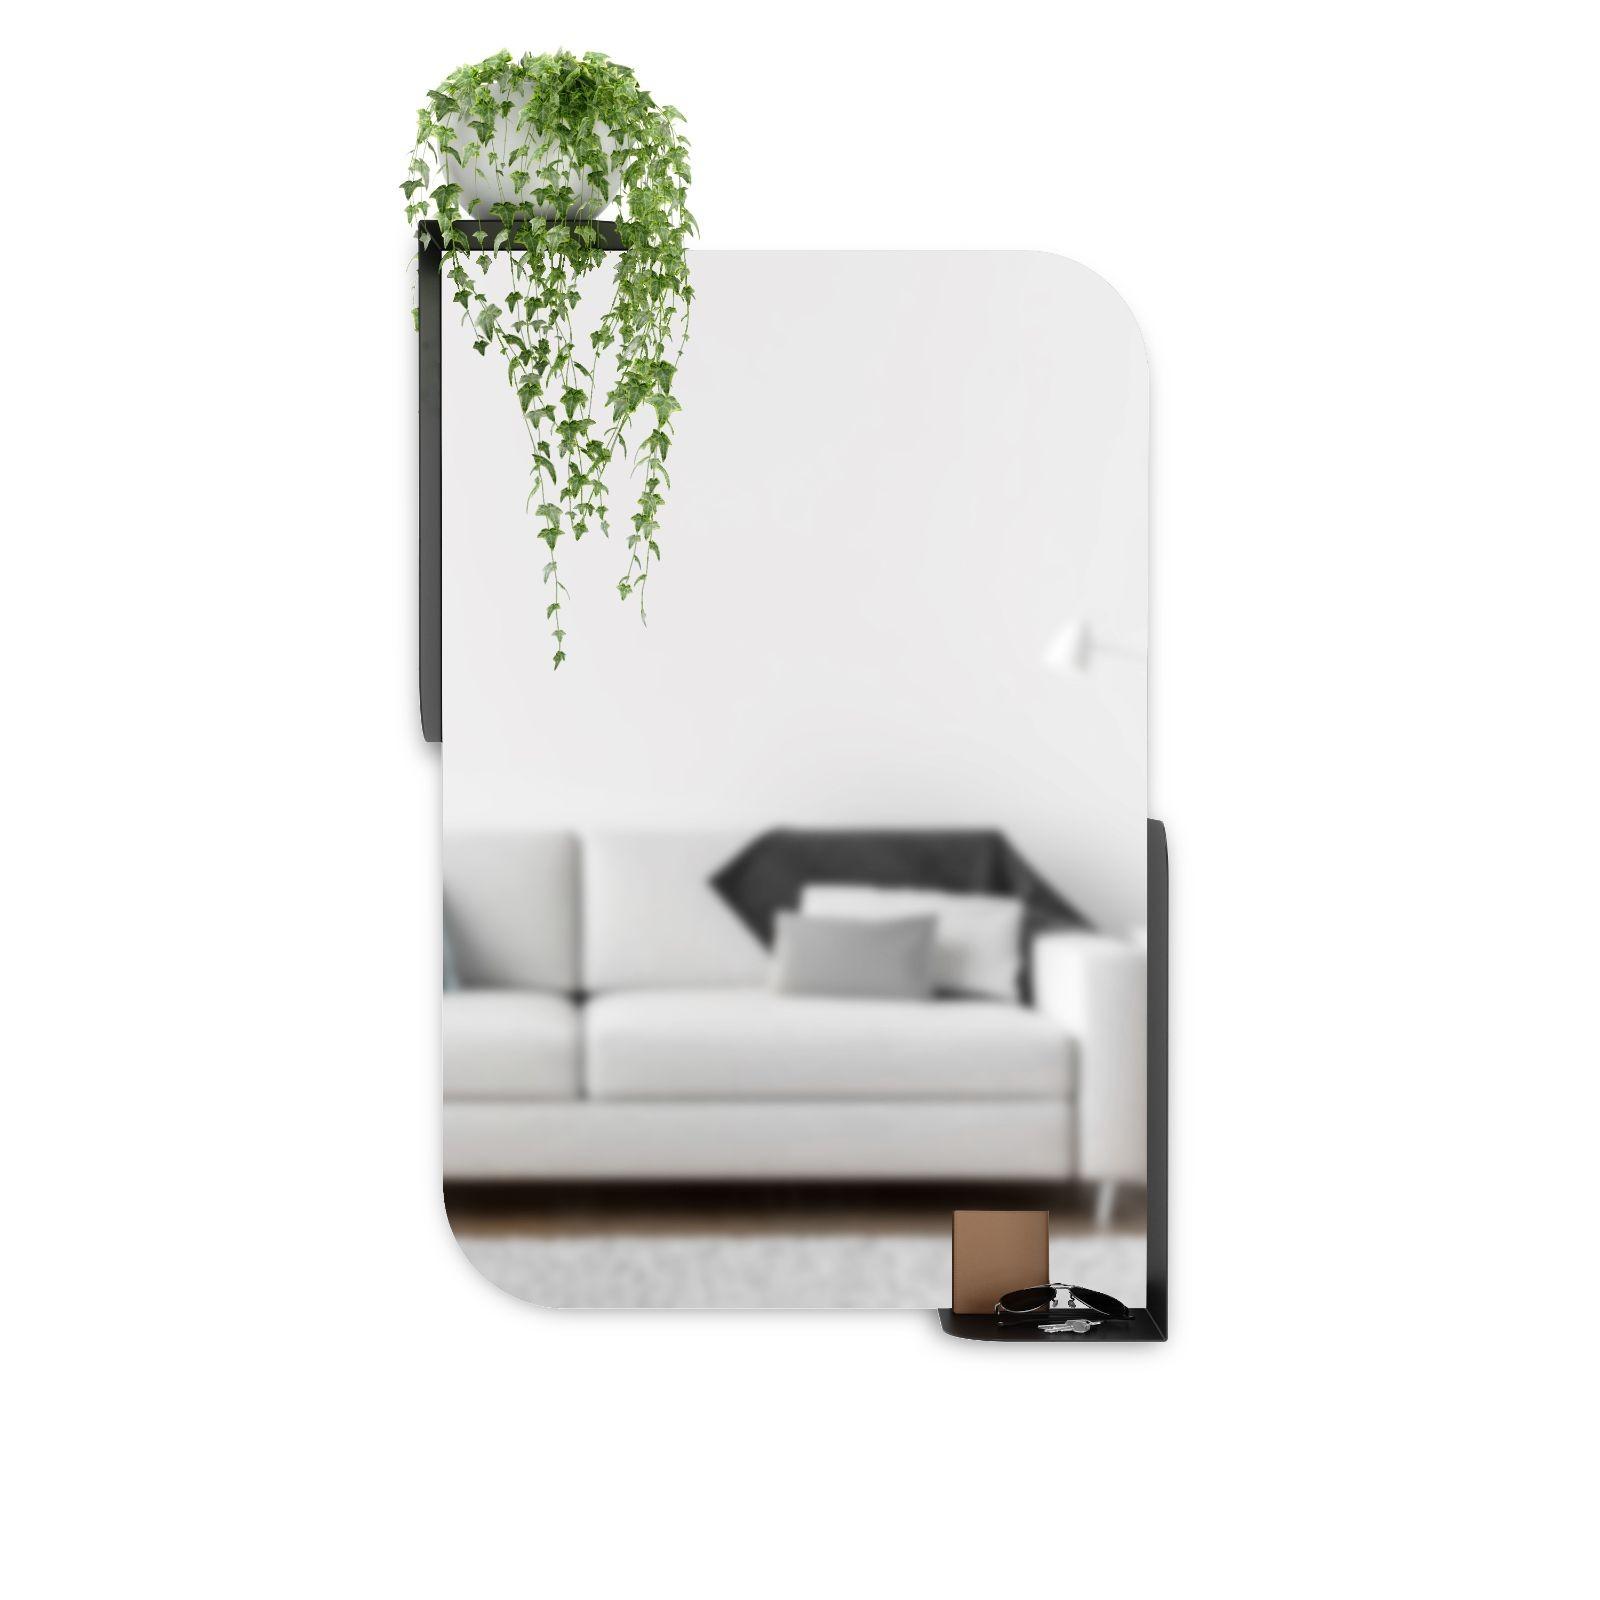 Καθρέφτης Τοίχου με Ράφια Alcove (Μαύρο) - Umbra